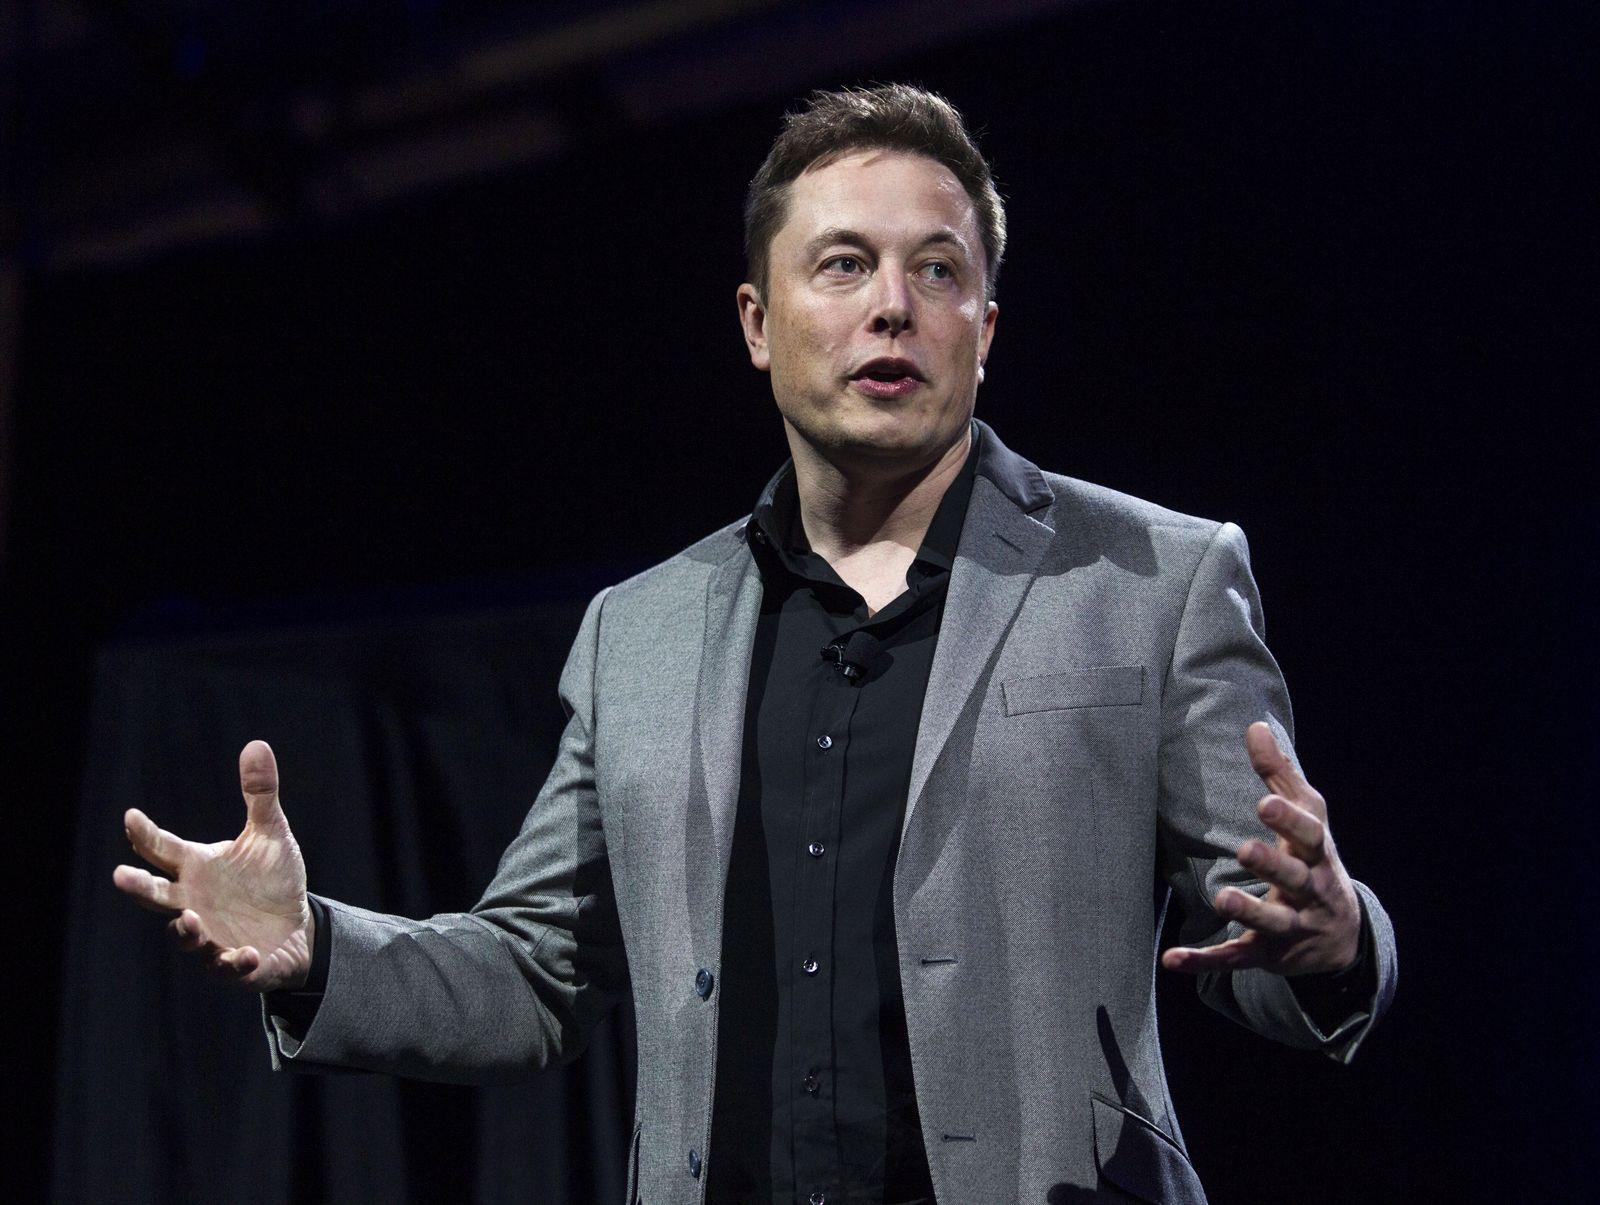 KI/ Künstliche Intelligenz/ Elon Tusk